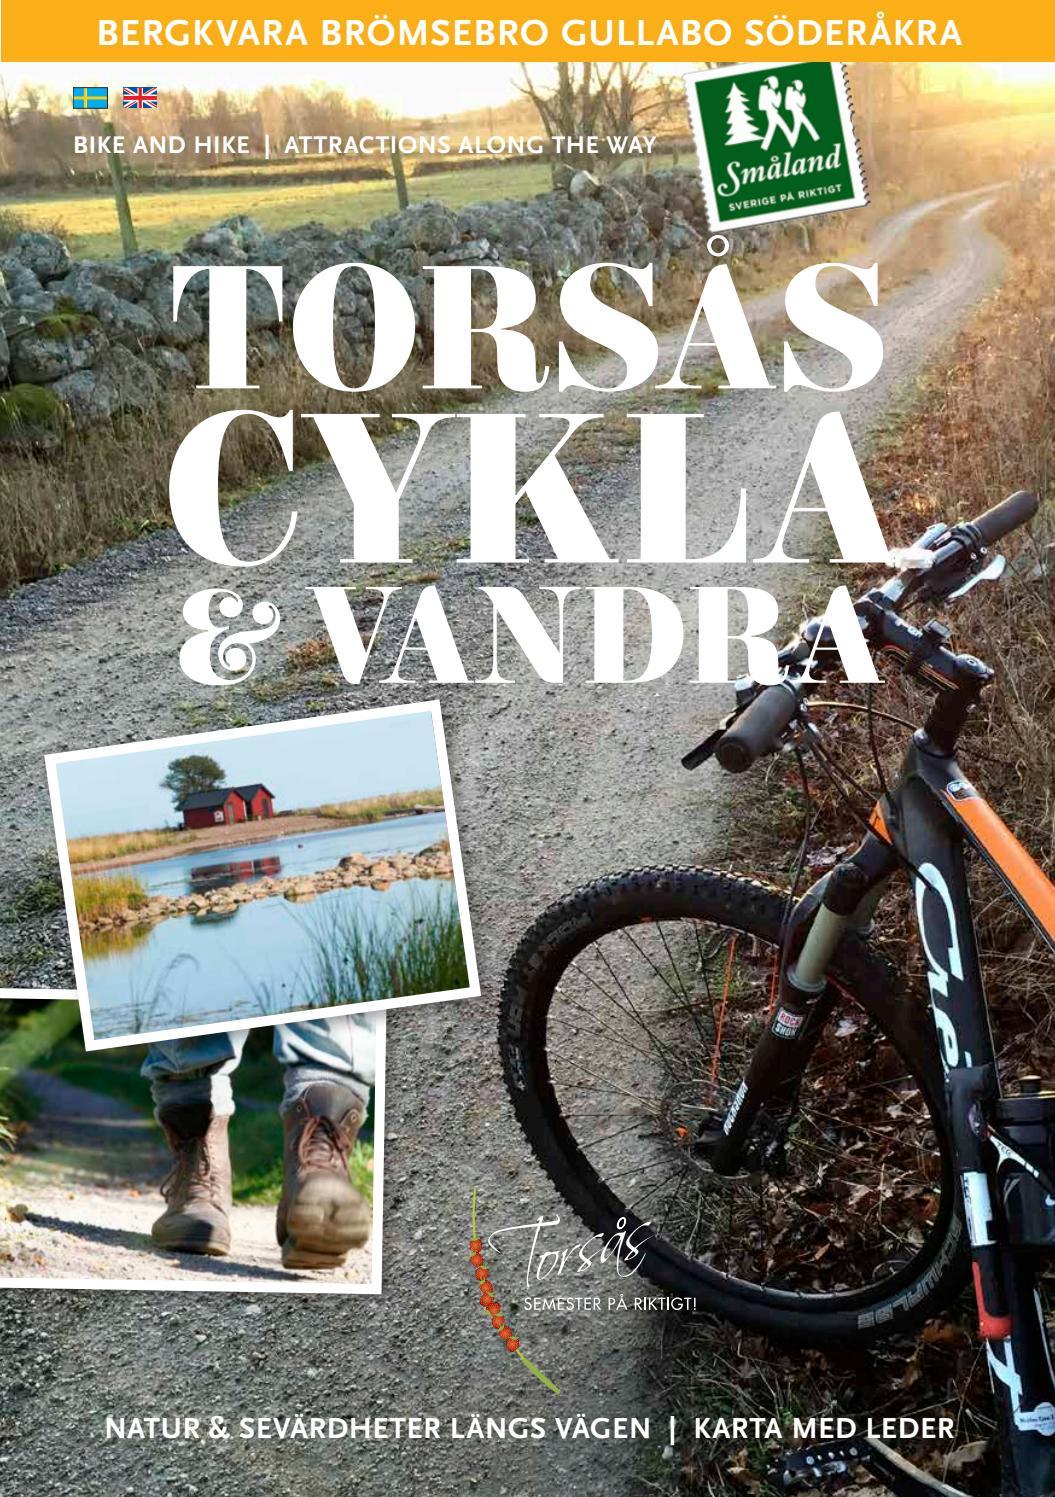 Green Door Hotel, Sderkra, Sweden - satisfaction-survey.net